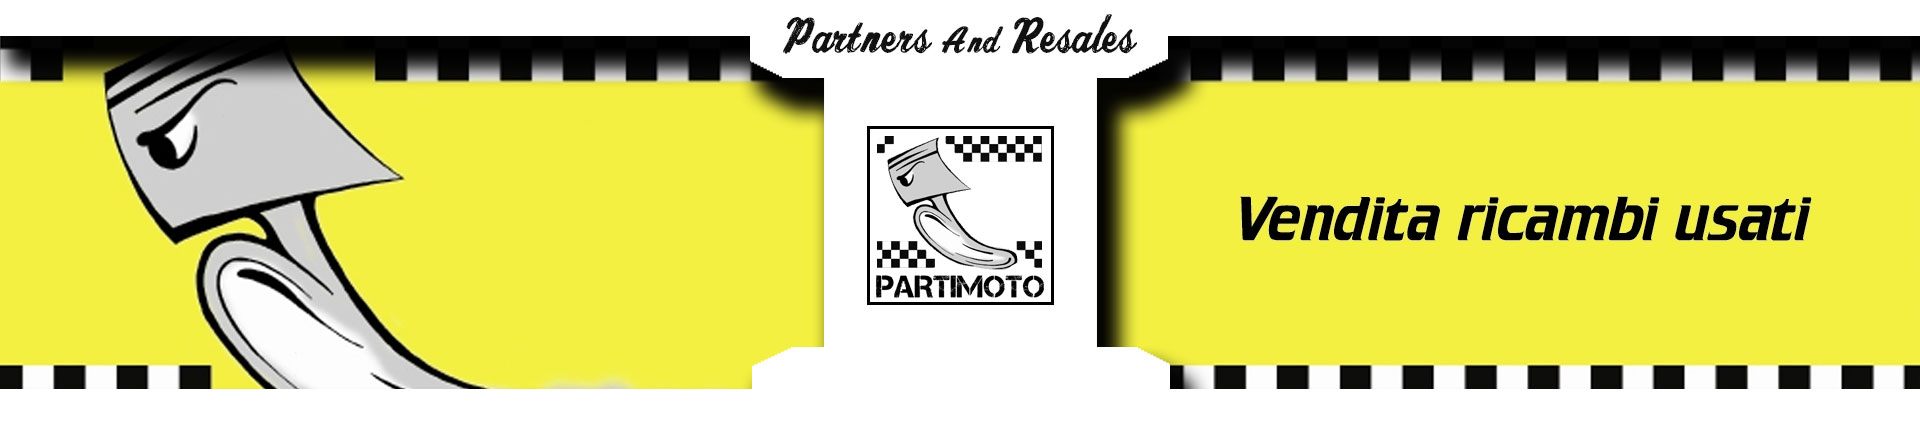 Partimoto